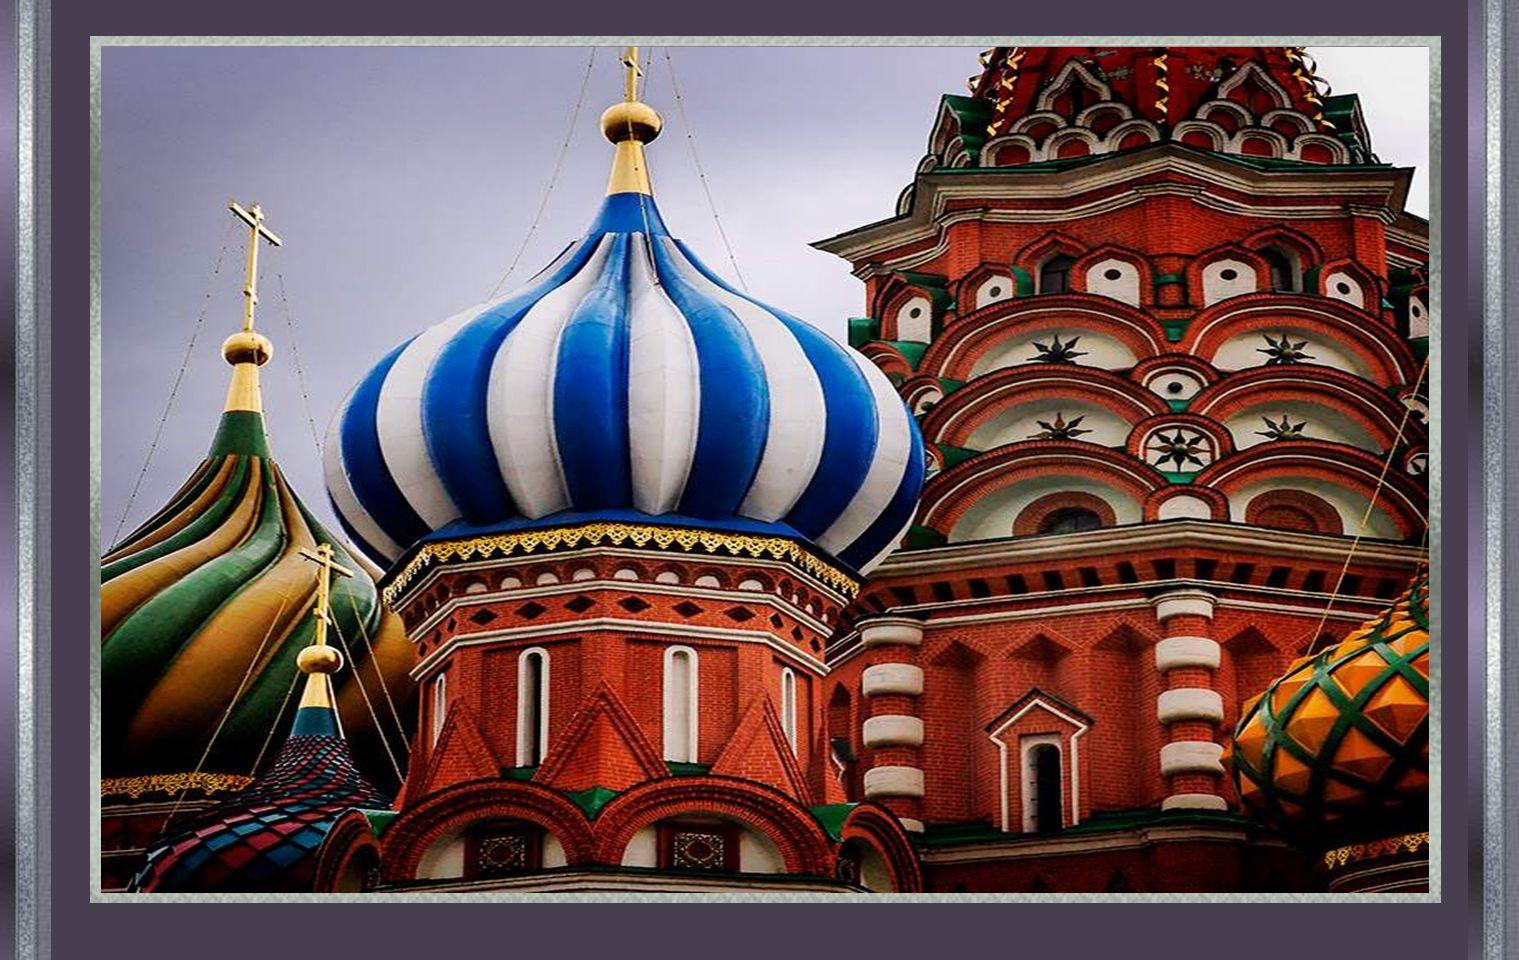 Según la leyenda, Iván mandó a arrancarle los ojos al arquitecto constructor, para que nunca hiciera otra igual o mejor.